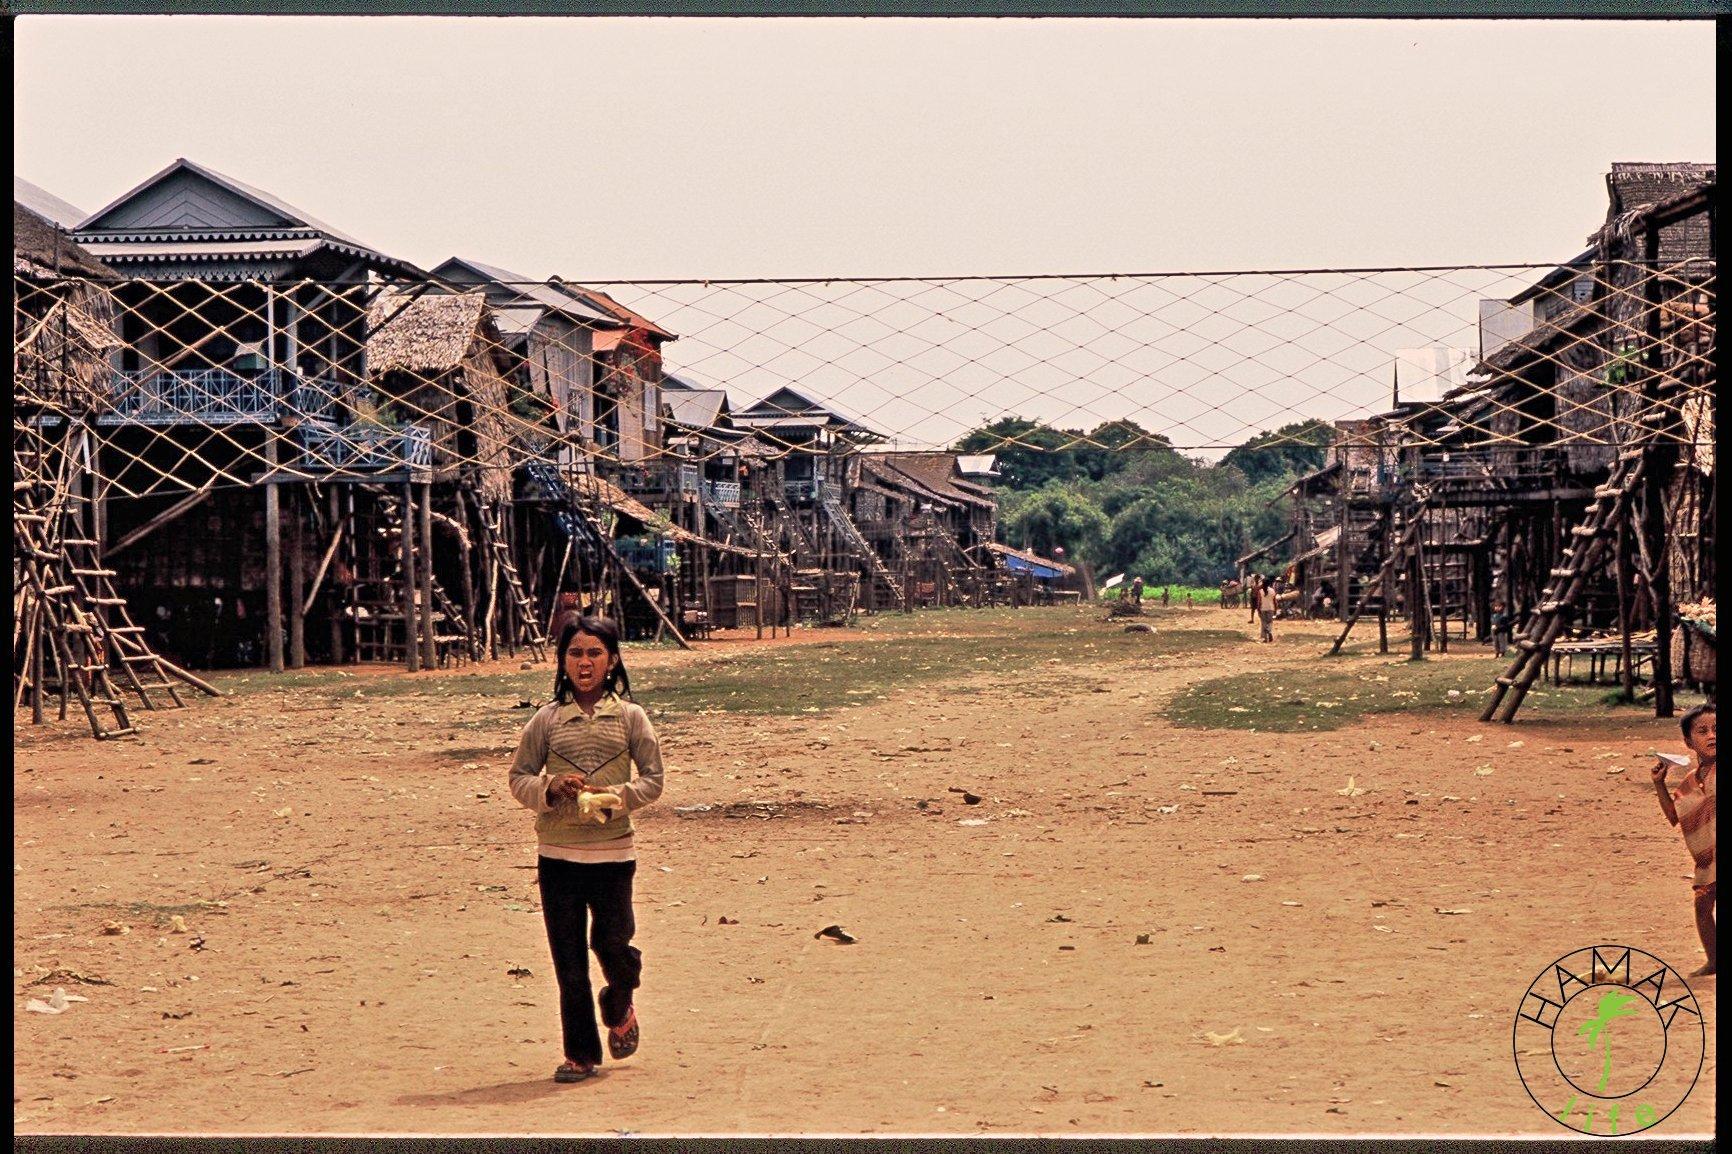 Dziewczynka na placu zabaw w Kambodży